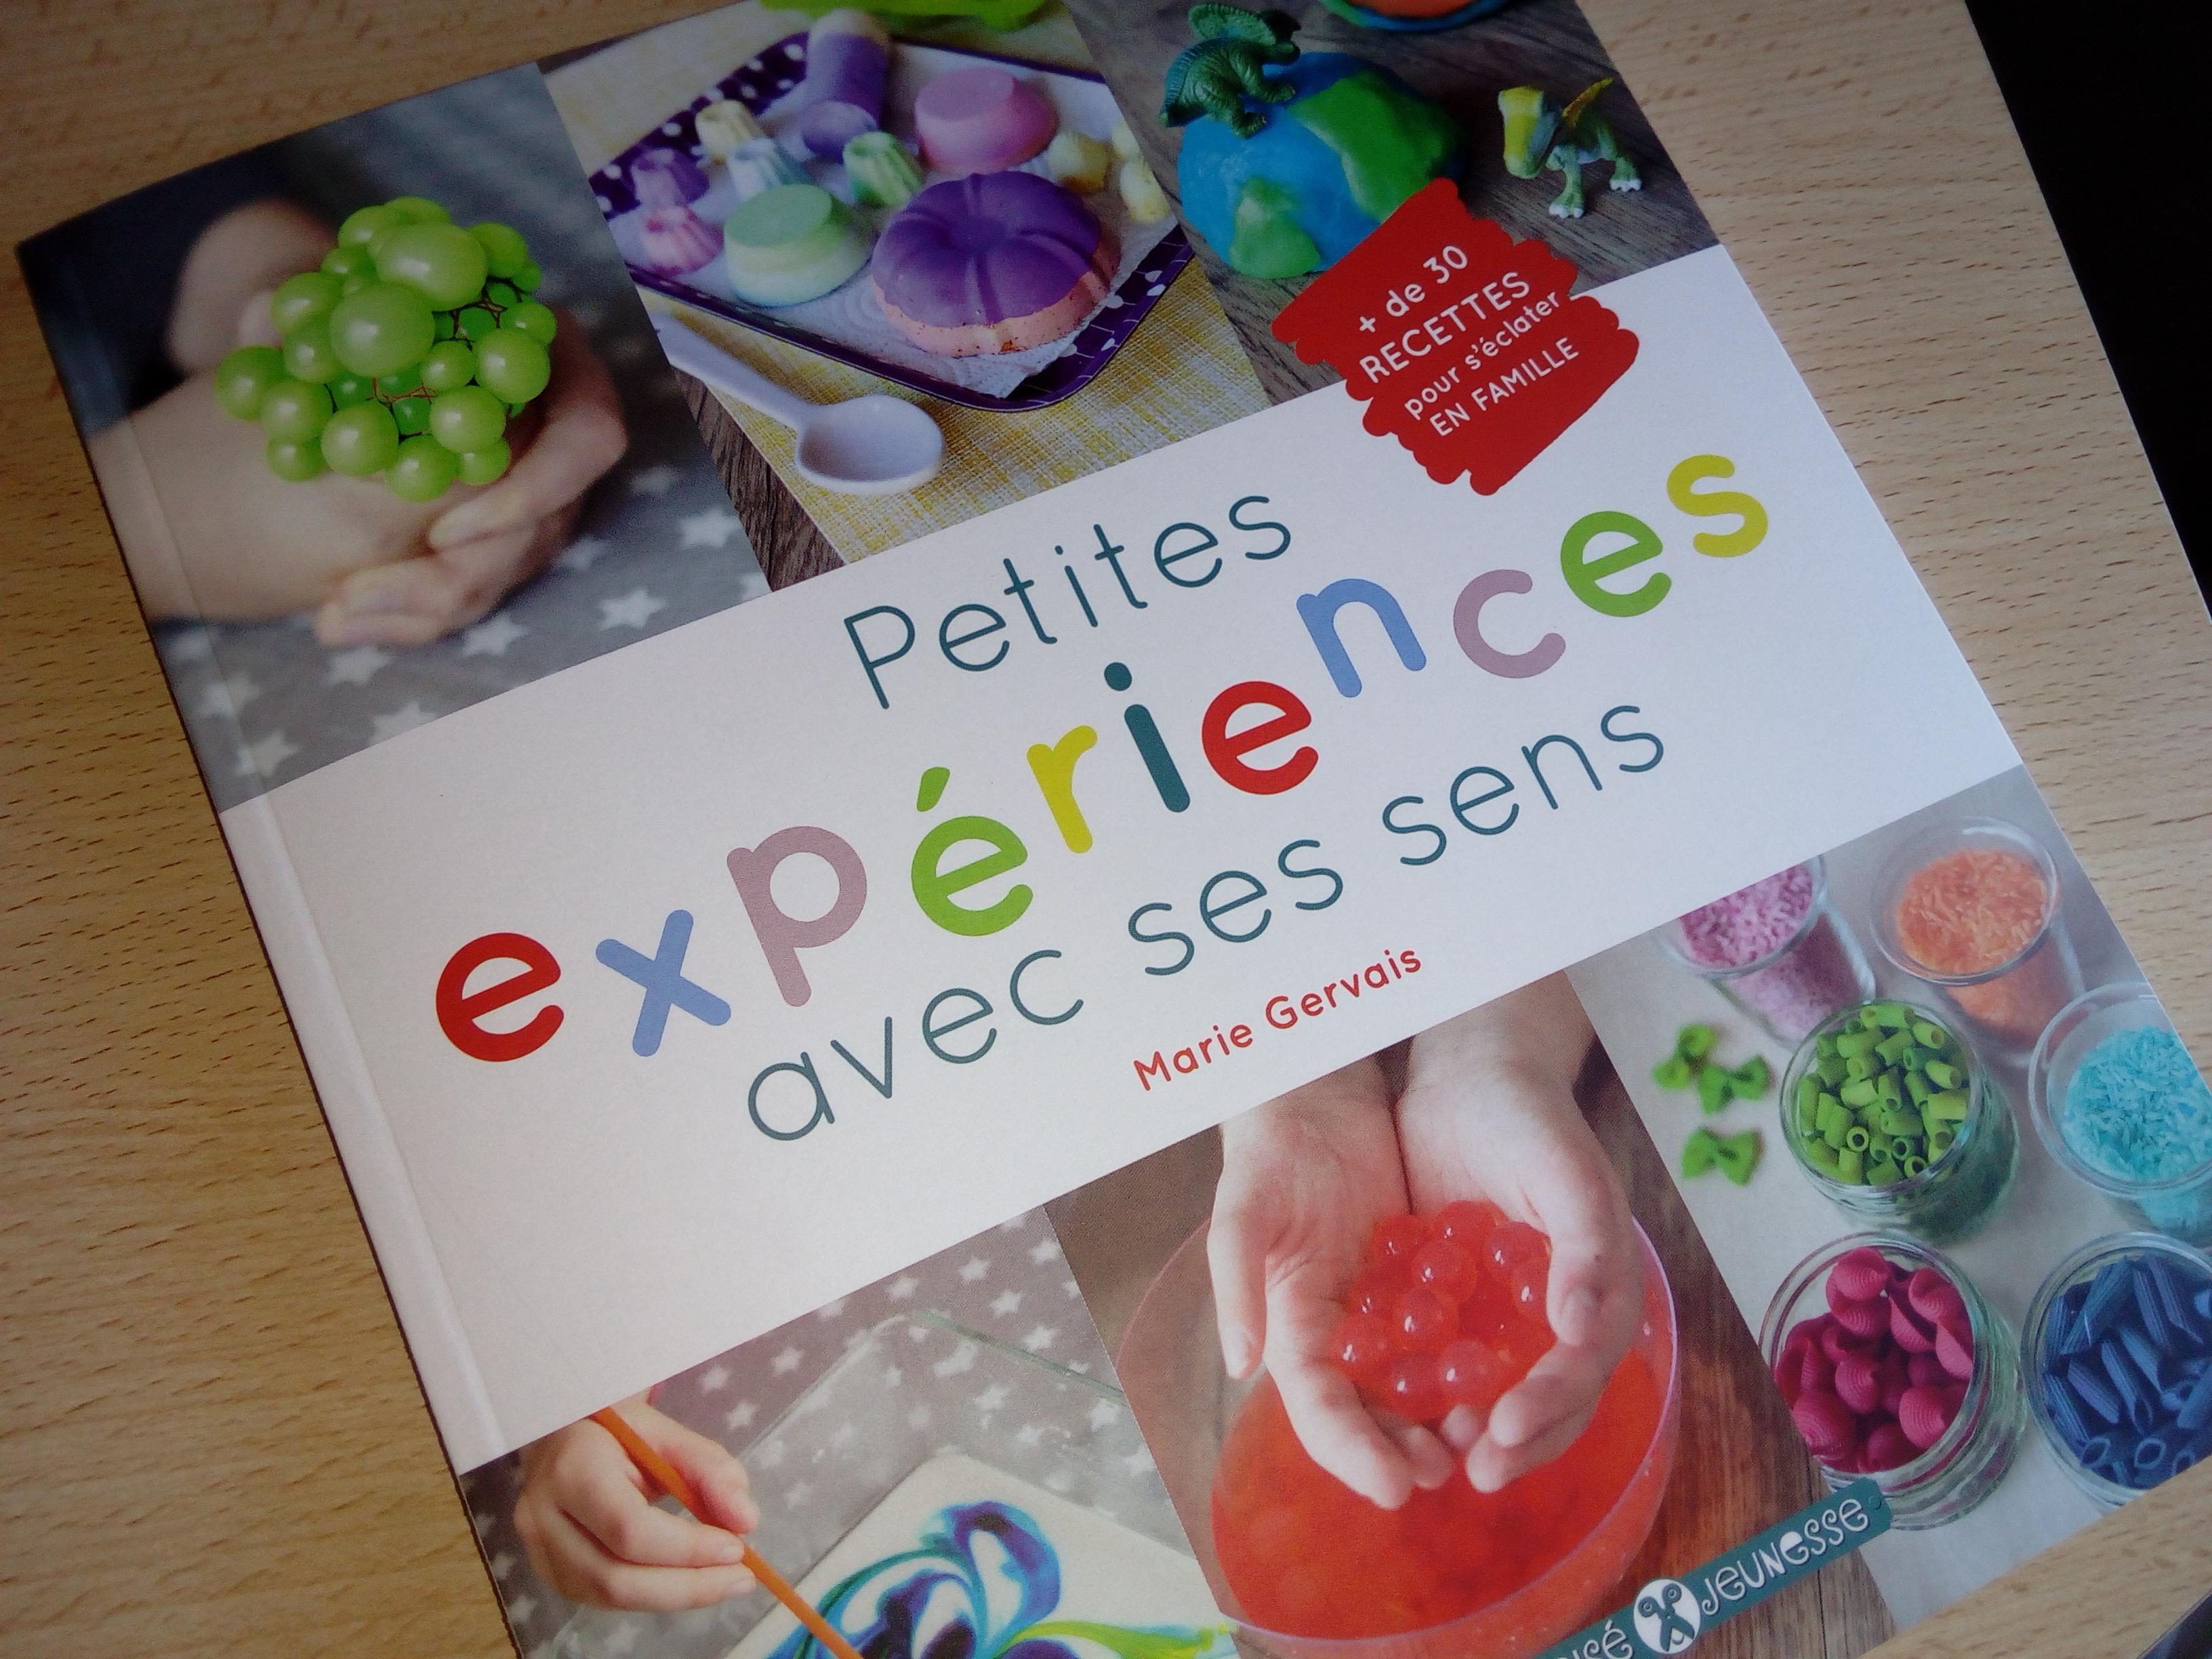 petites expériences avec sens recette enfants